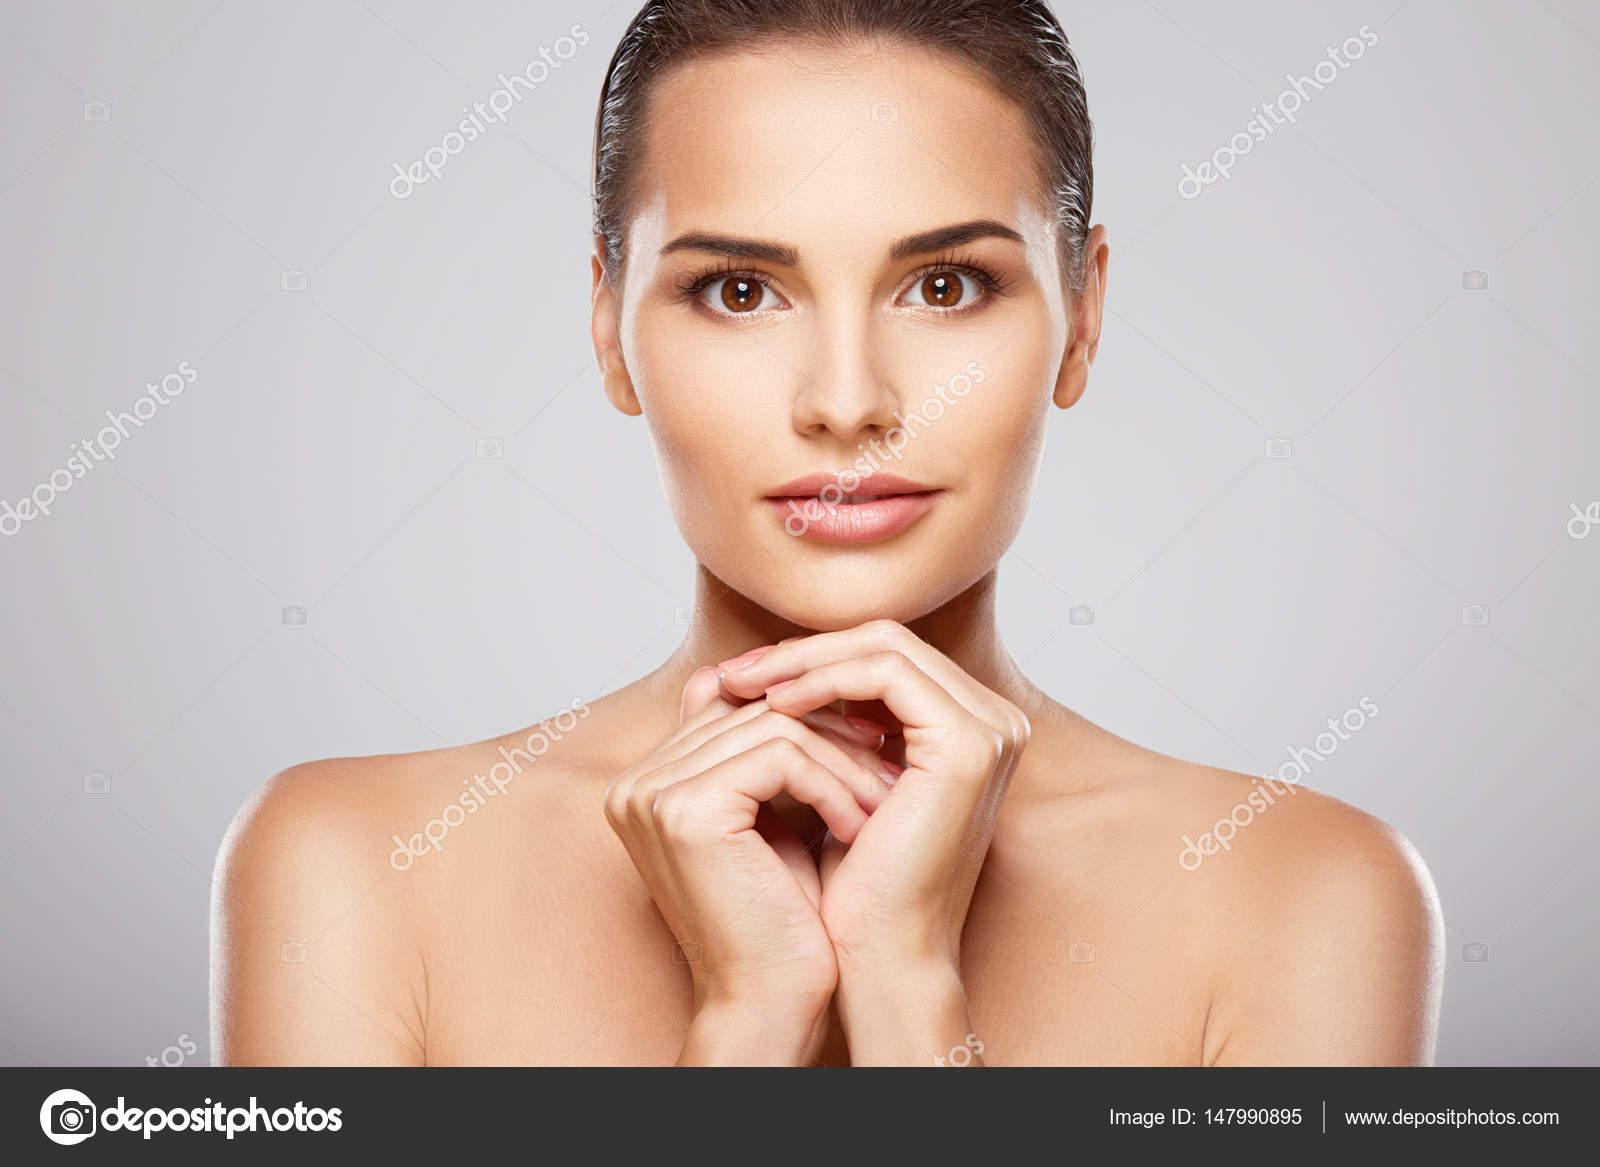 Fresh face young girl porn pics